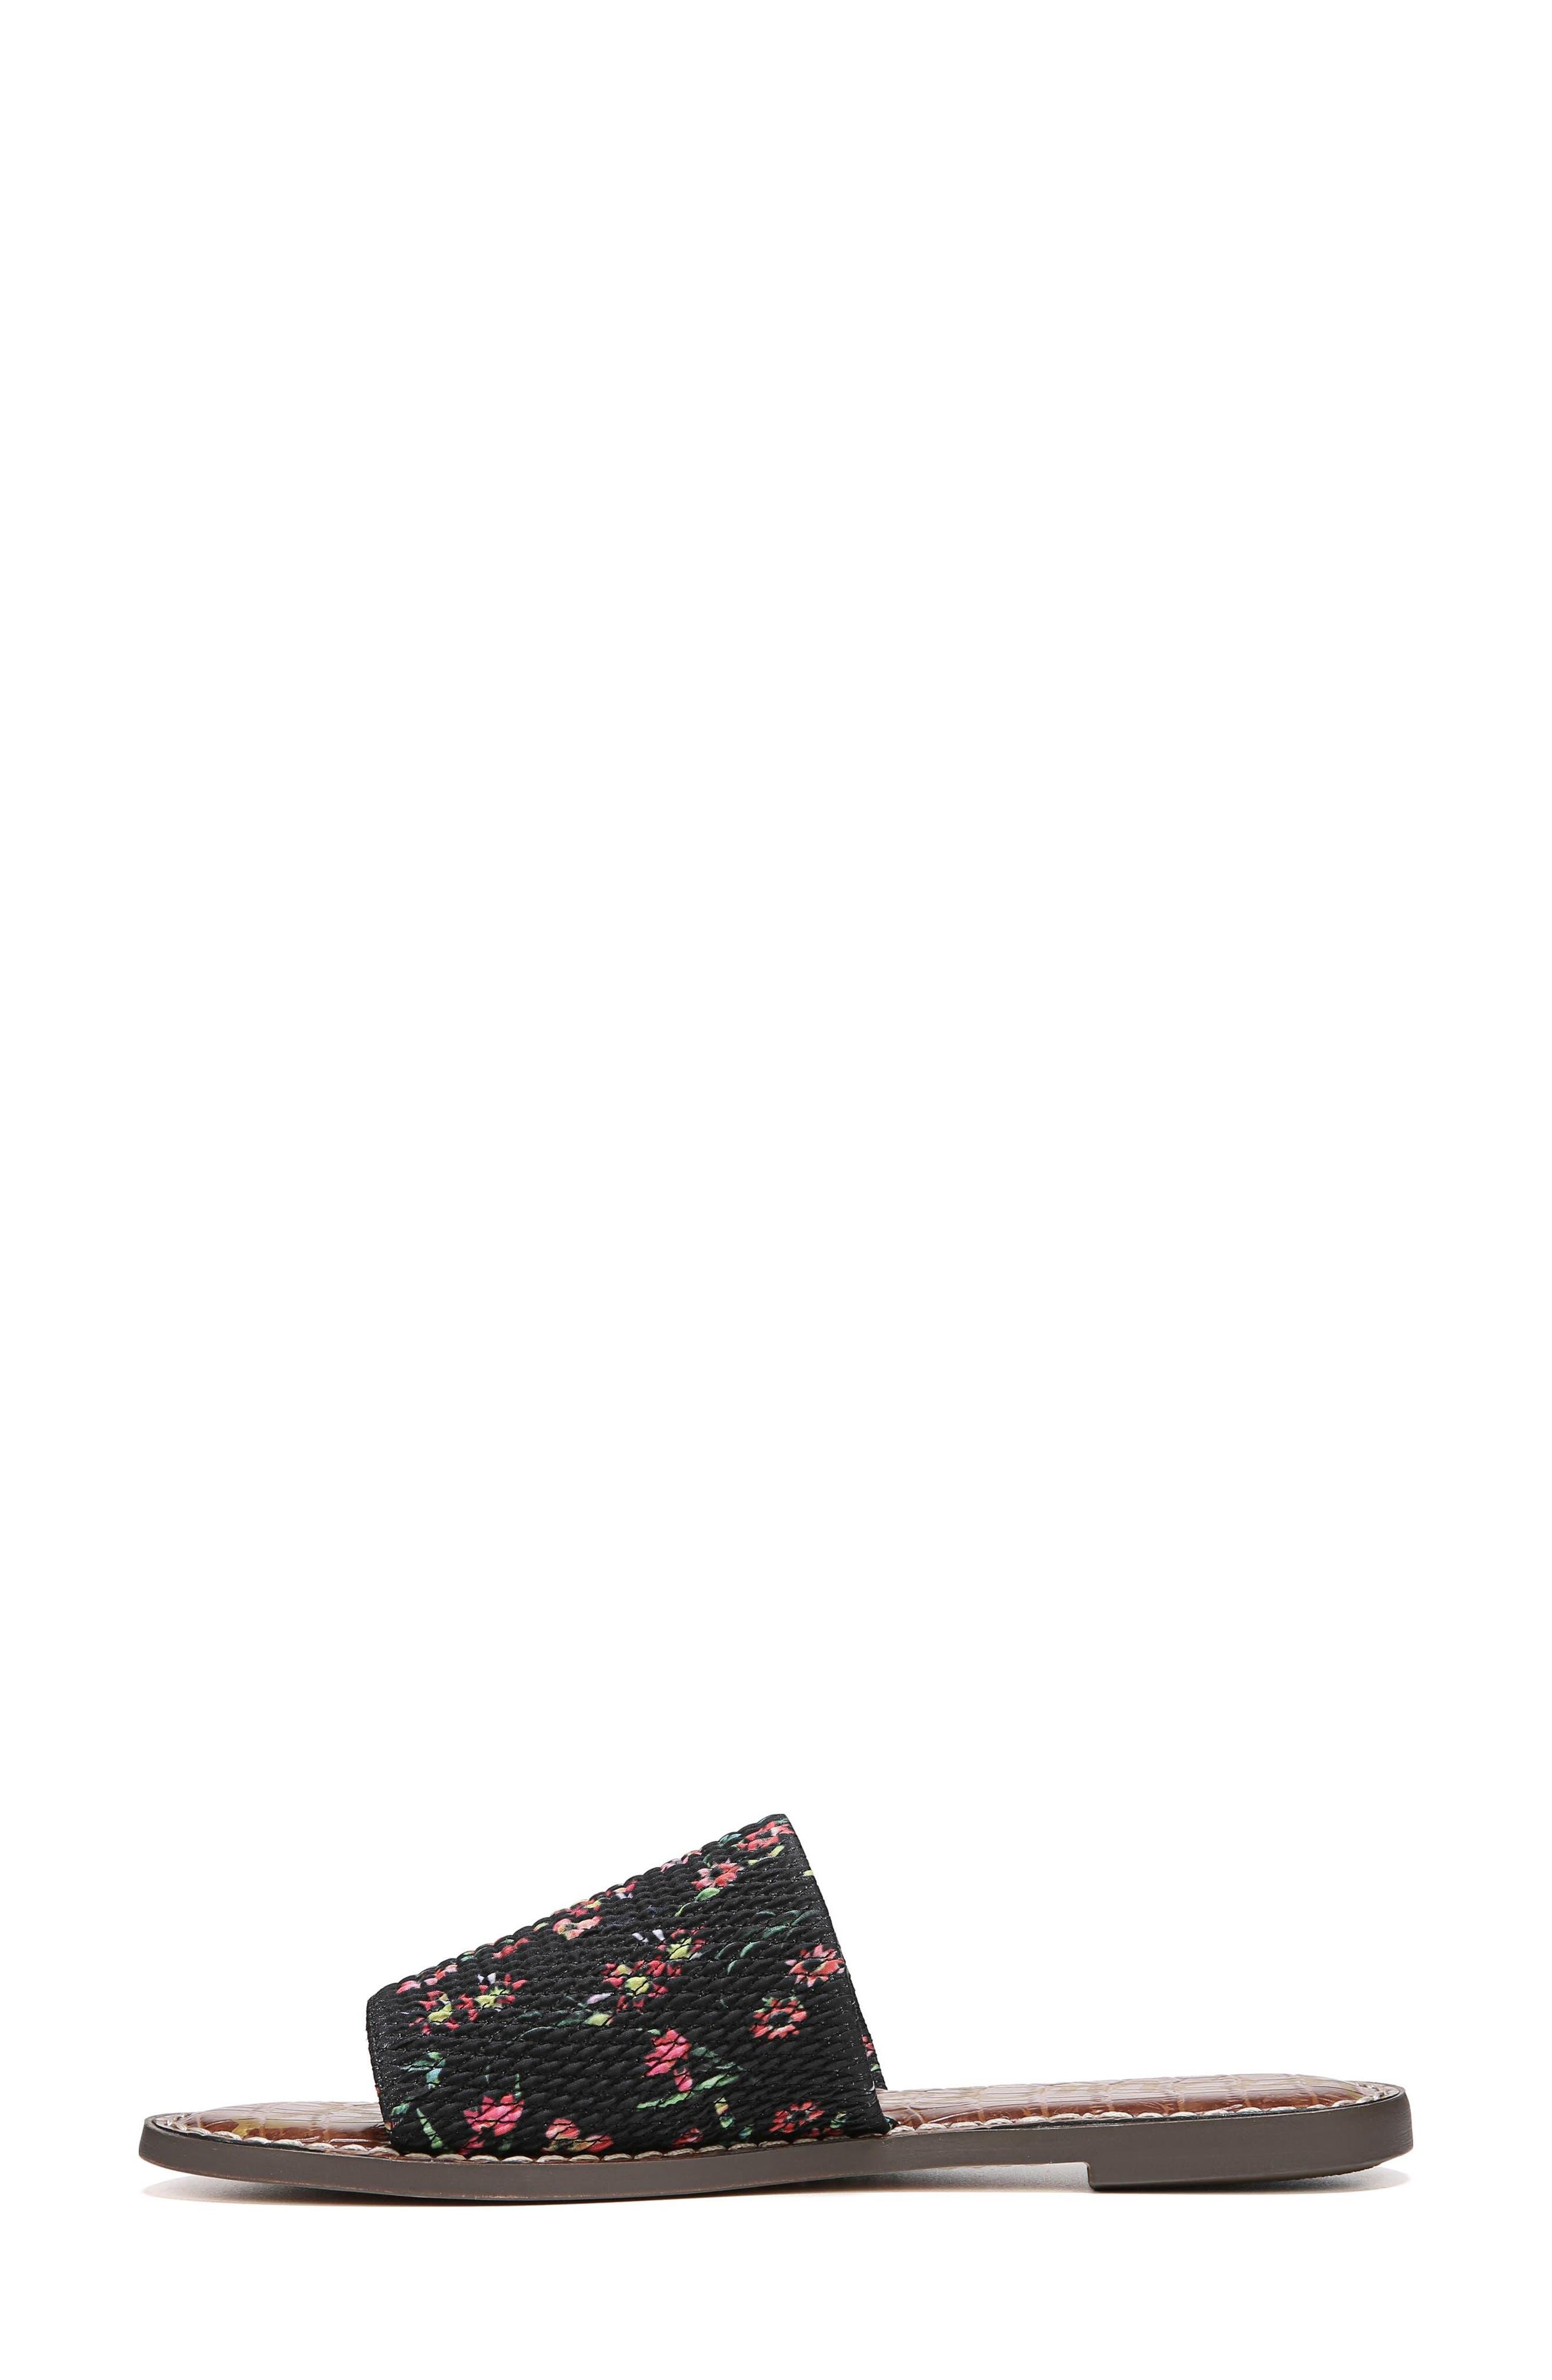 Gio Slide Sandal,                             Alternate thumbnail 3, color,                             001